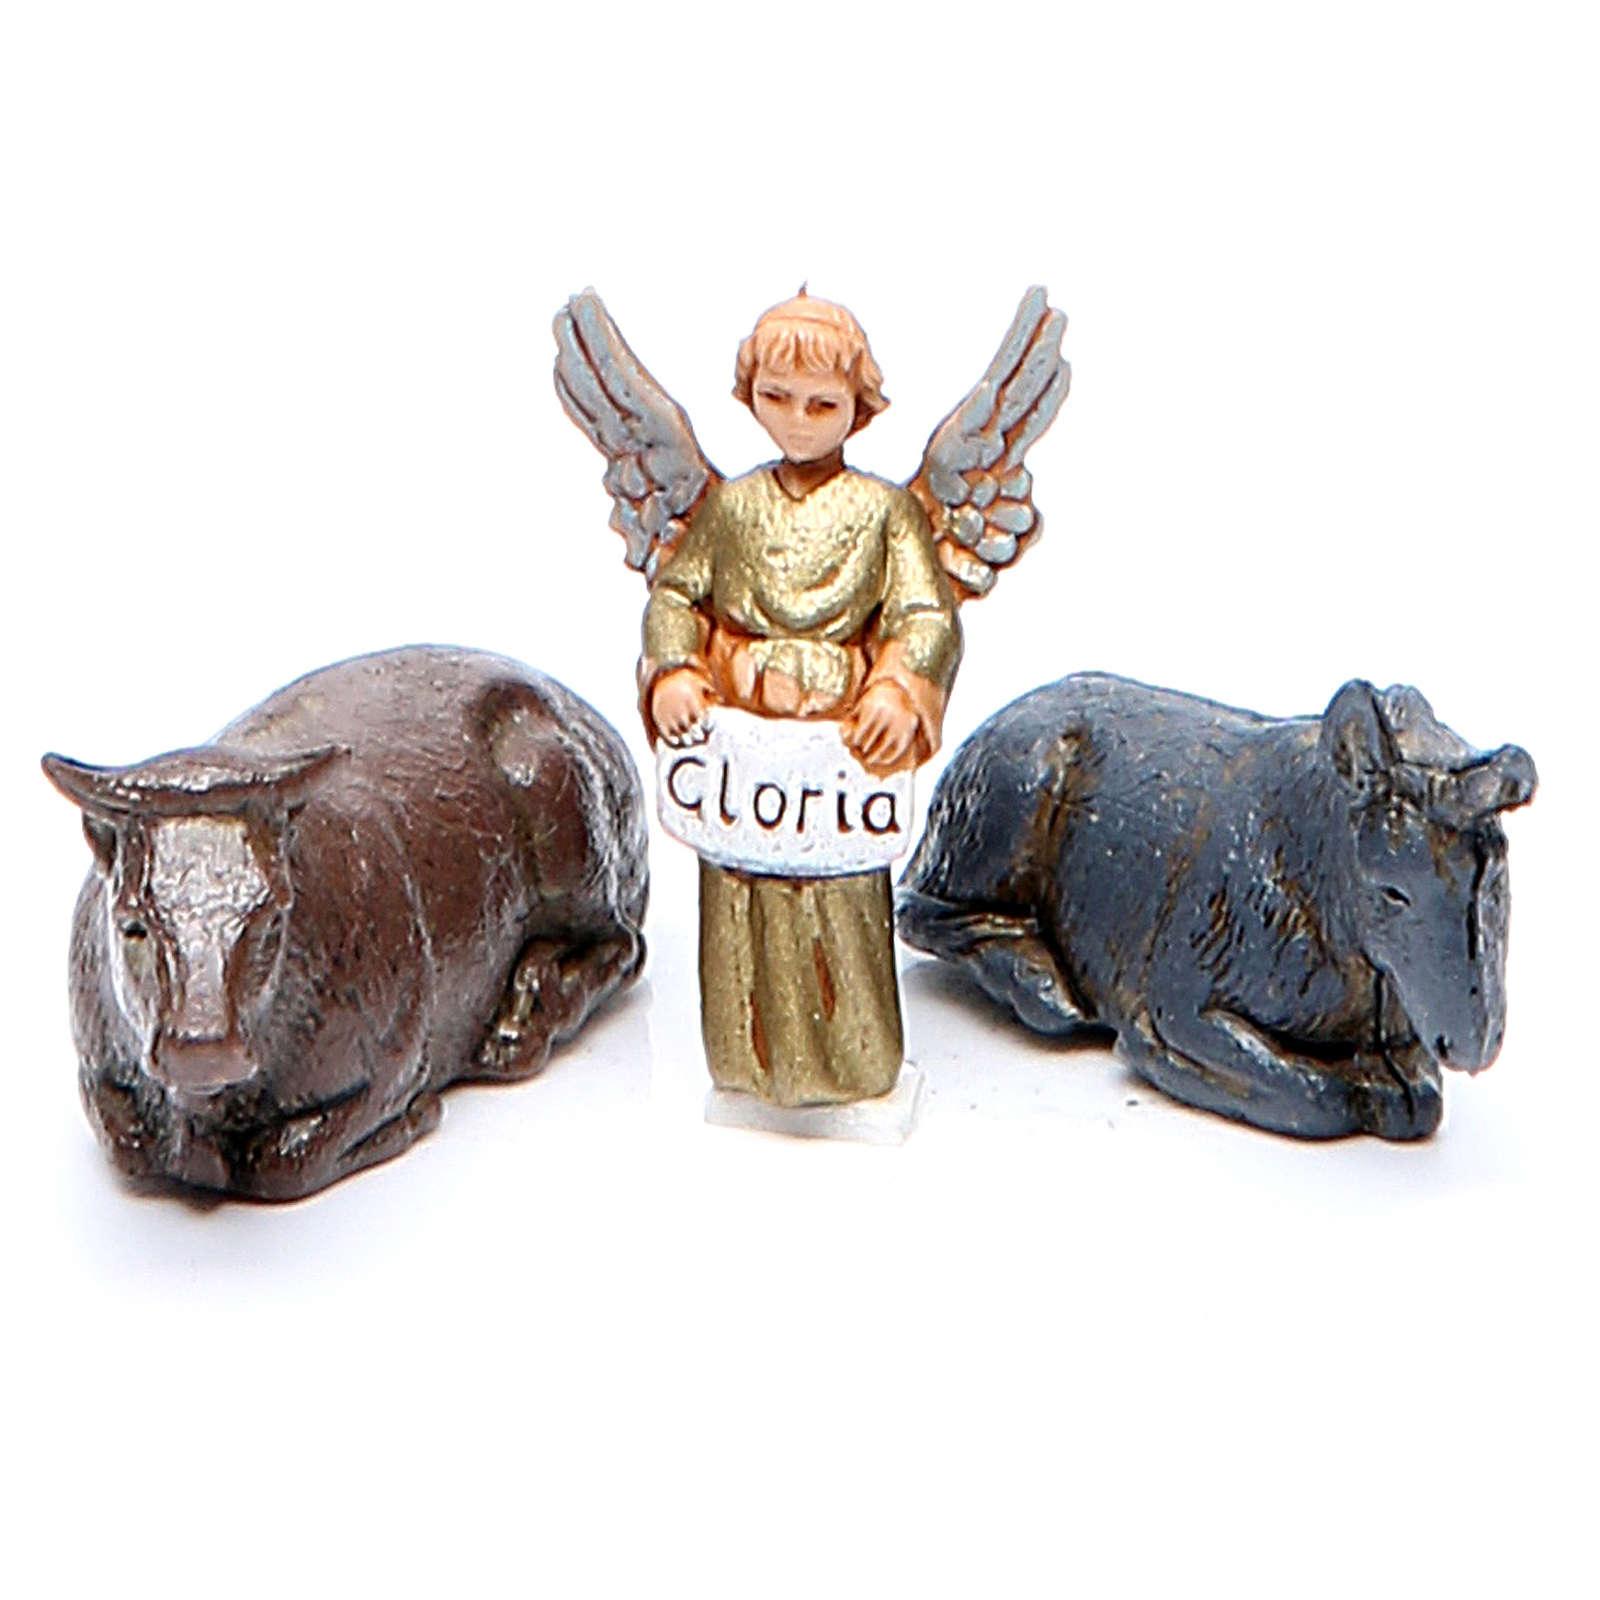 Donkey, ox and angel 3.5cm by Moranduzzo, 3 figurines 4